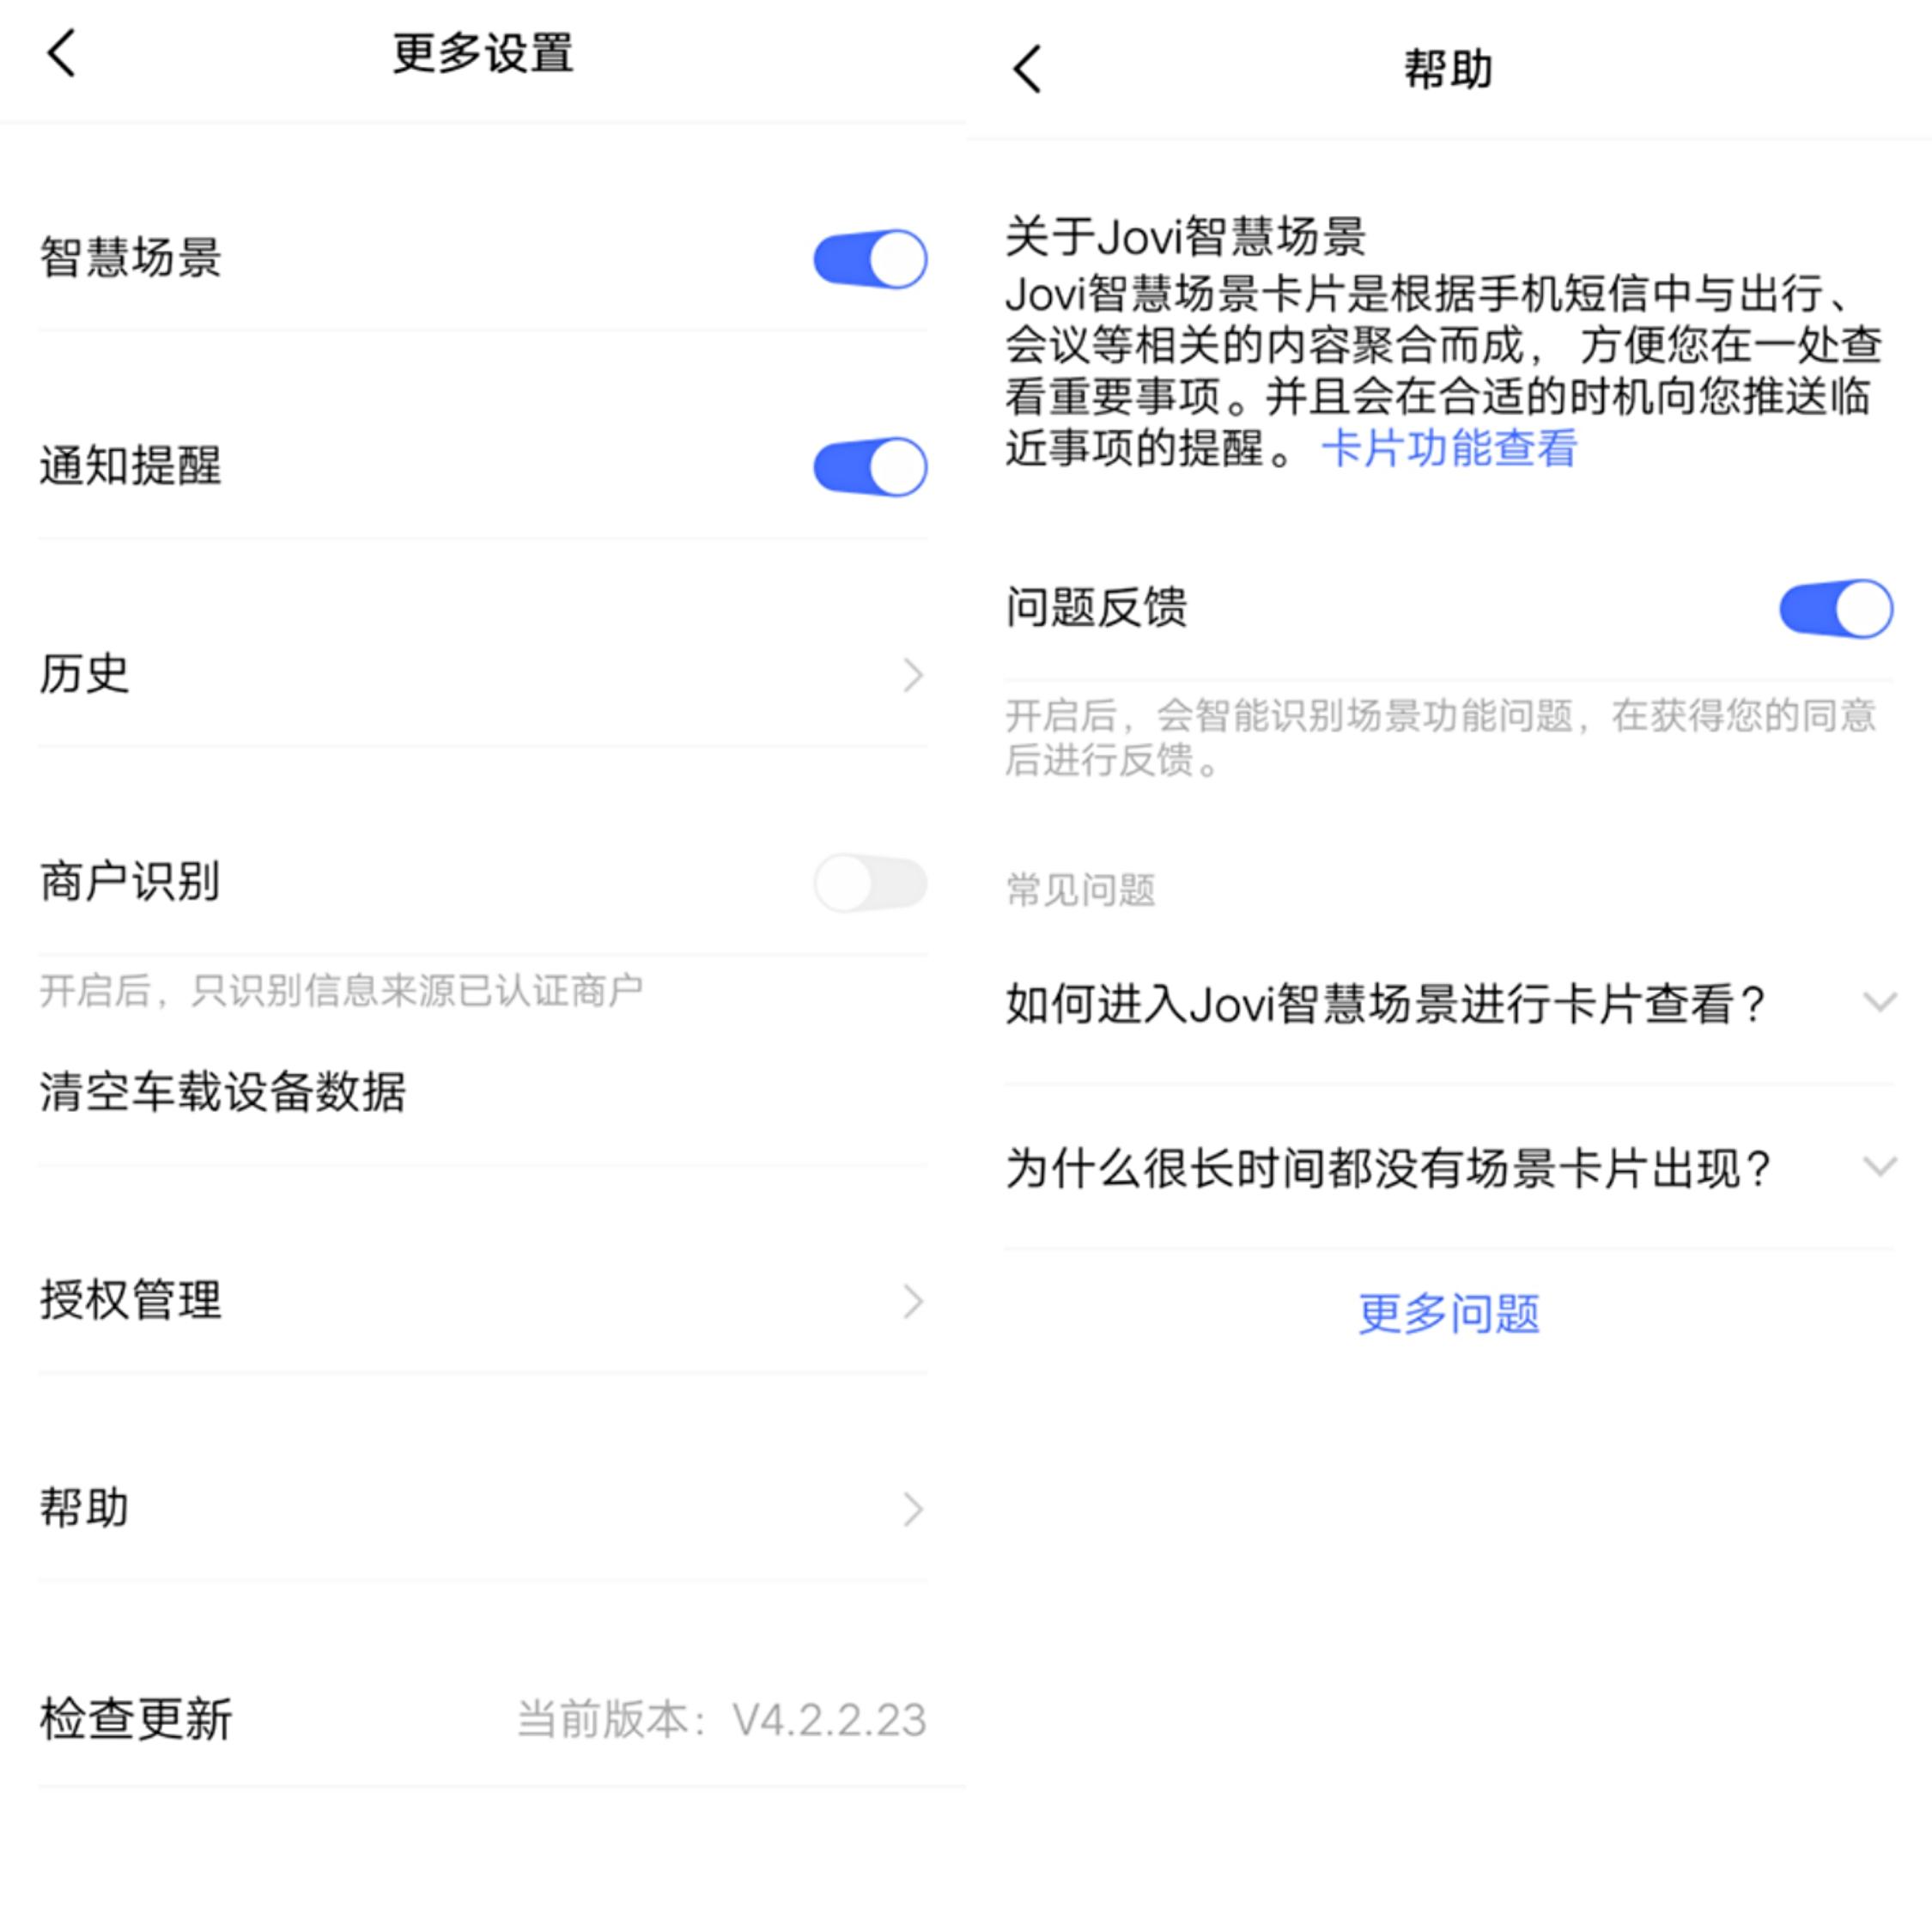 pt2019_08_18_18_32_32.jpg